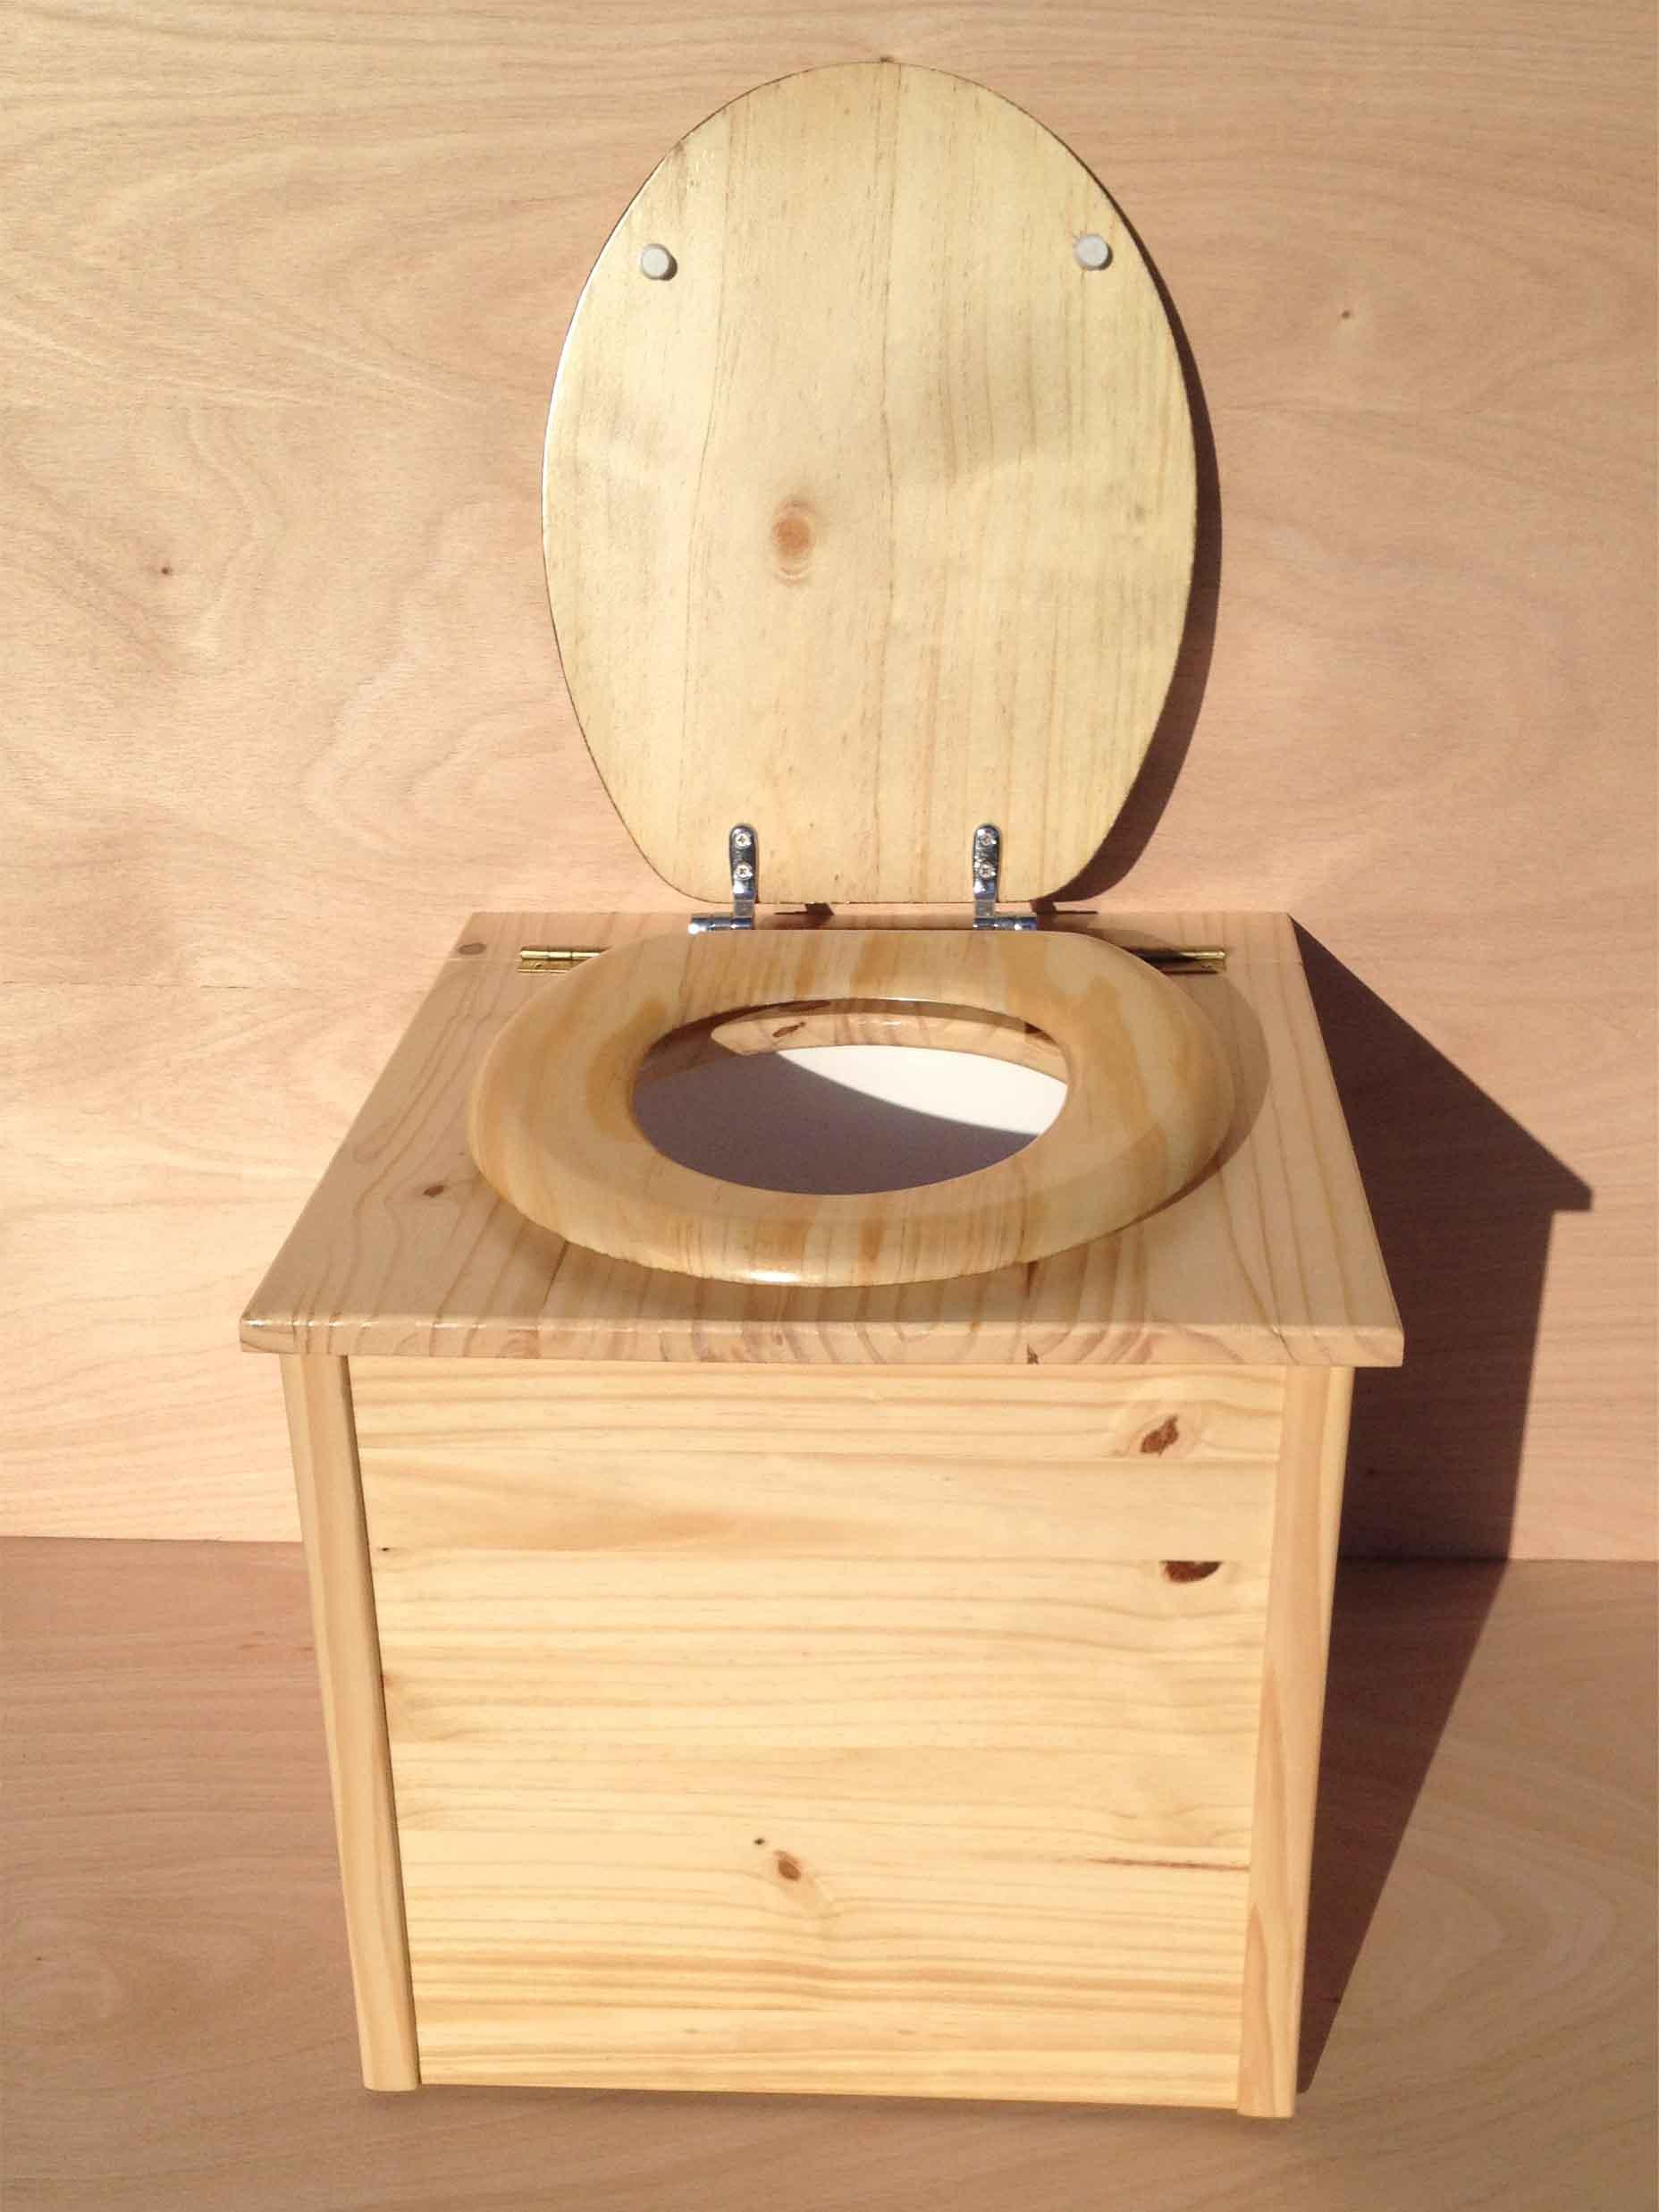 Acheter Votre Toilette Sèche Éco 3 | Fabulous Toilettes serapportantà Toilettes Seches Vente